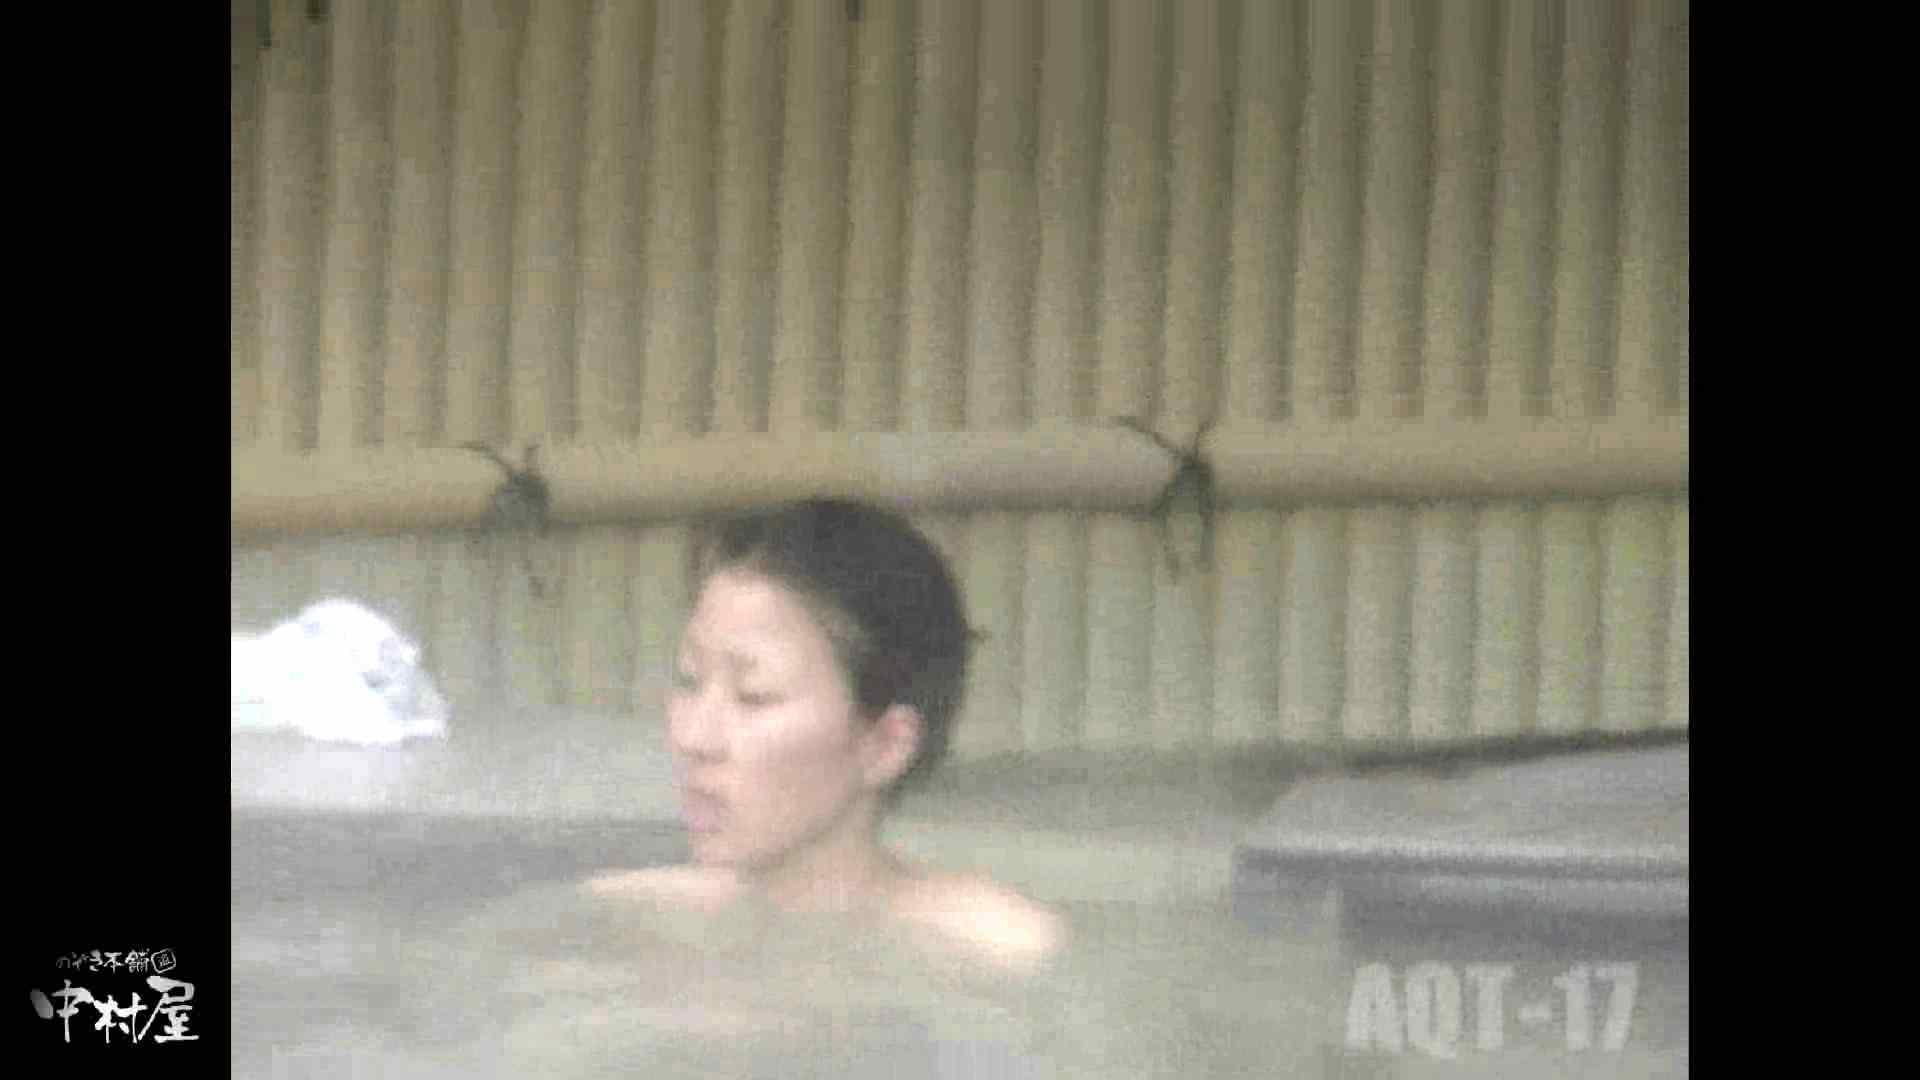 Aquaな露天風呂Vol.881潜入盗撮露天風呂十七判湯 其の二 潜入   露天風呂  11枚 1